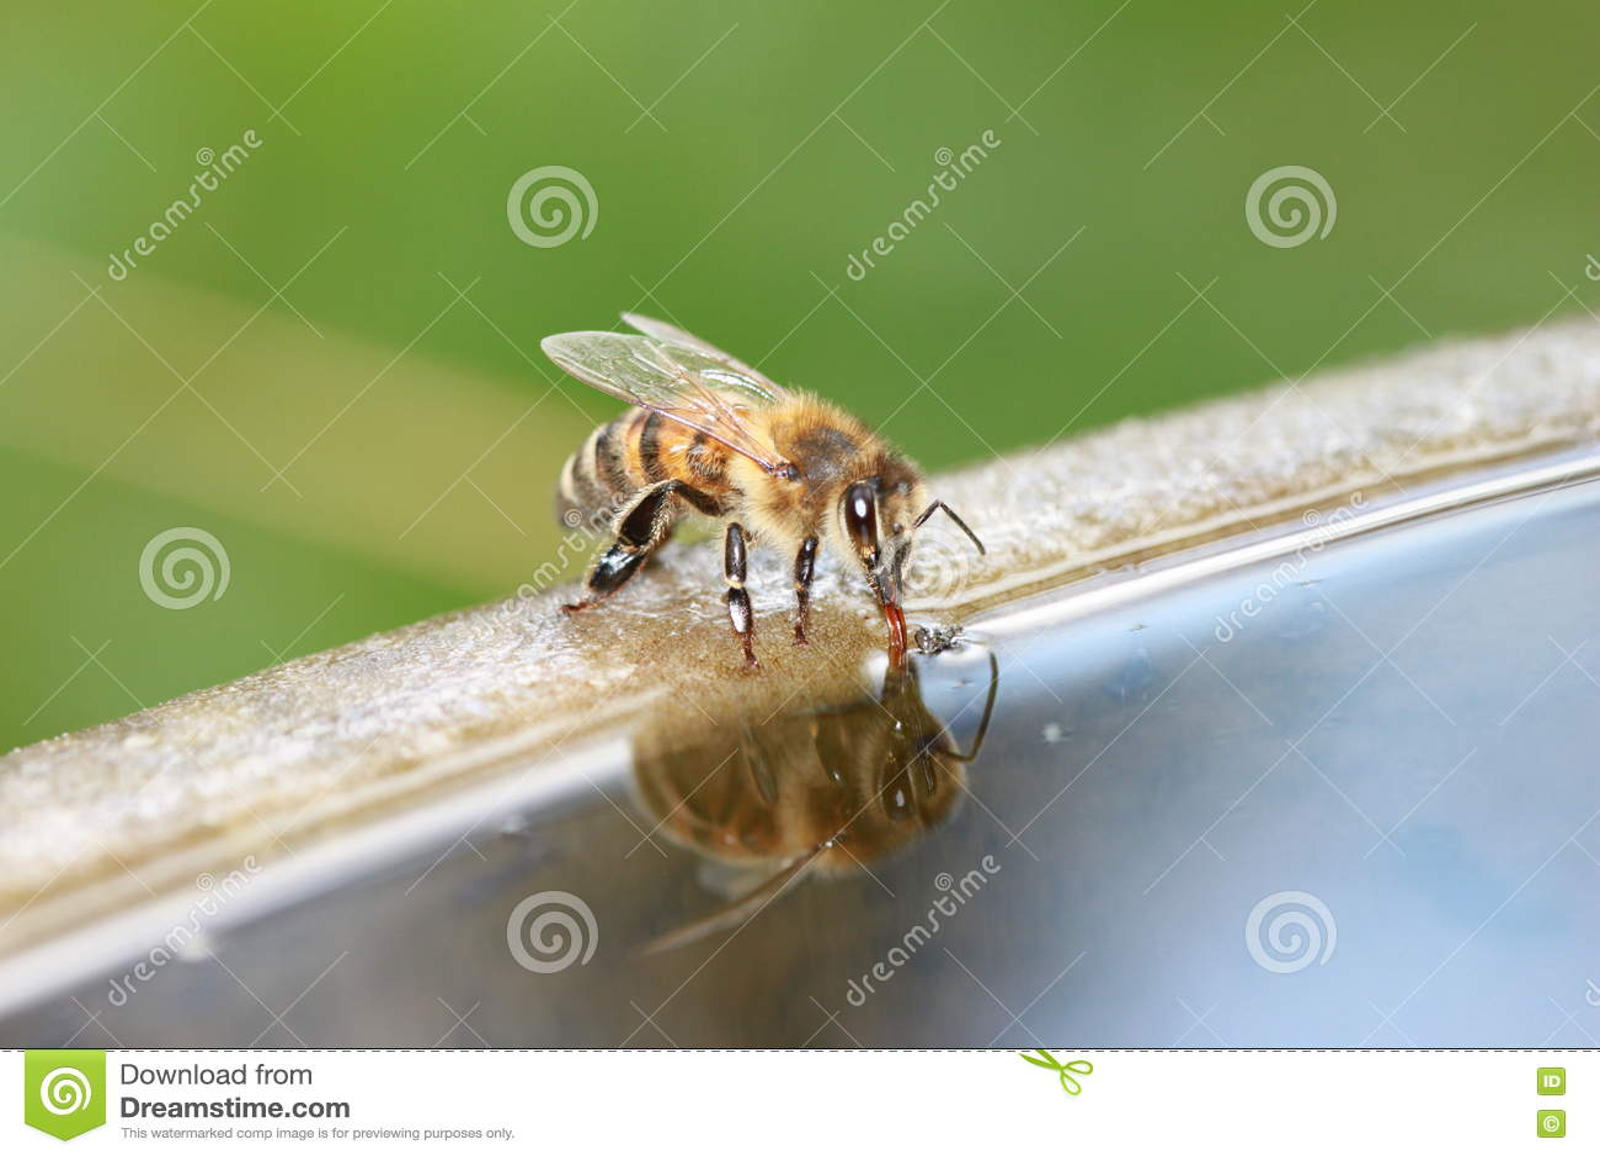 Biene ist Getränk